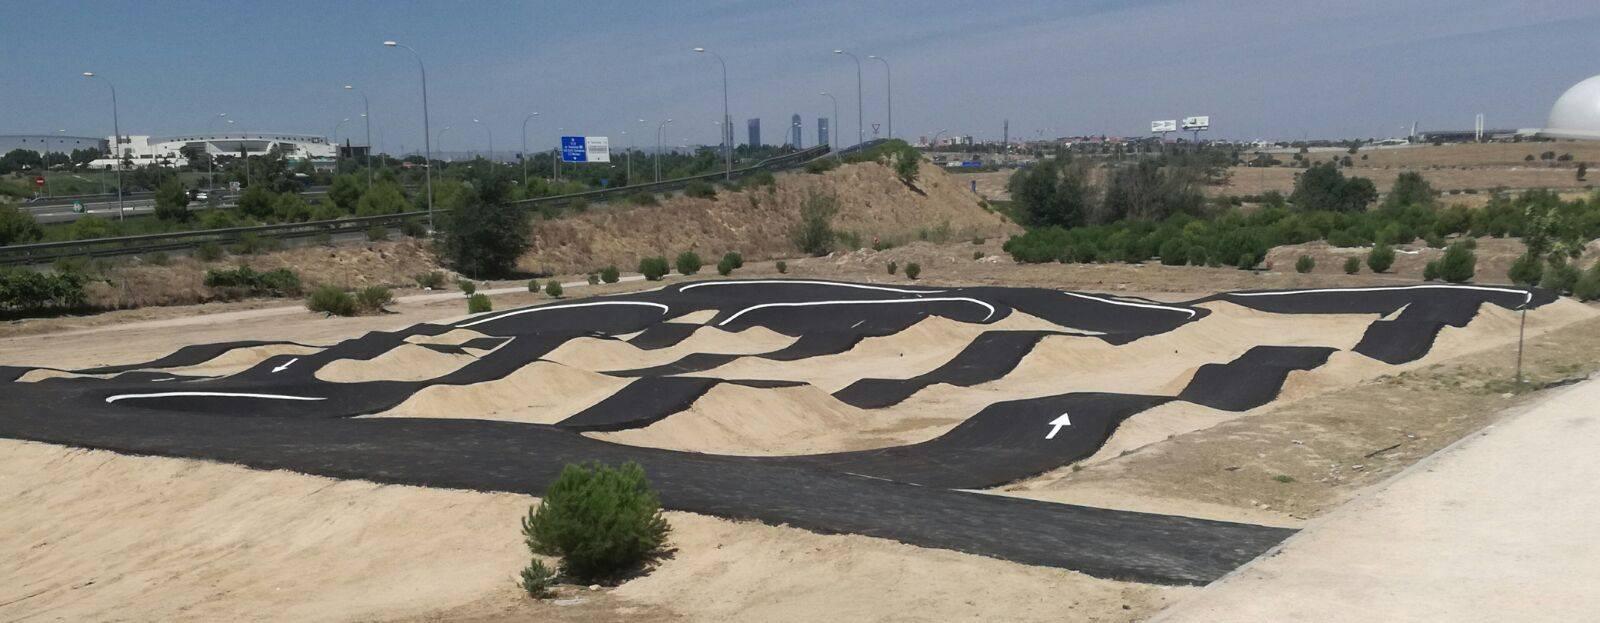 Barajas - Madrid